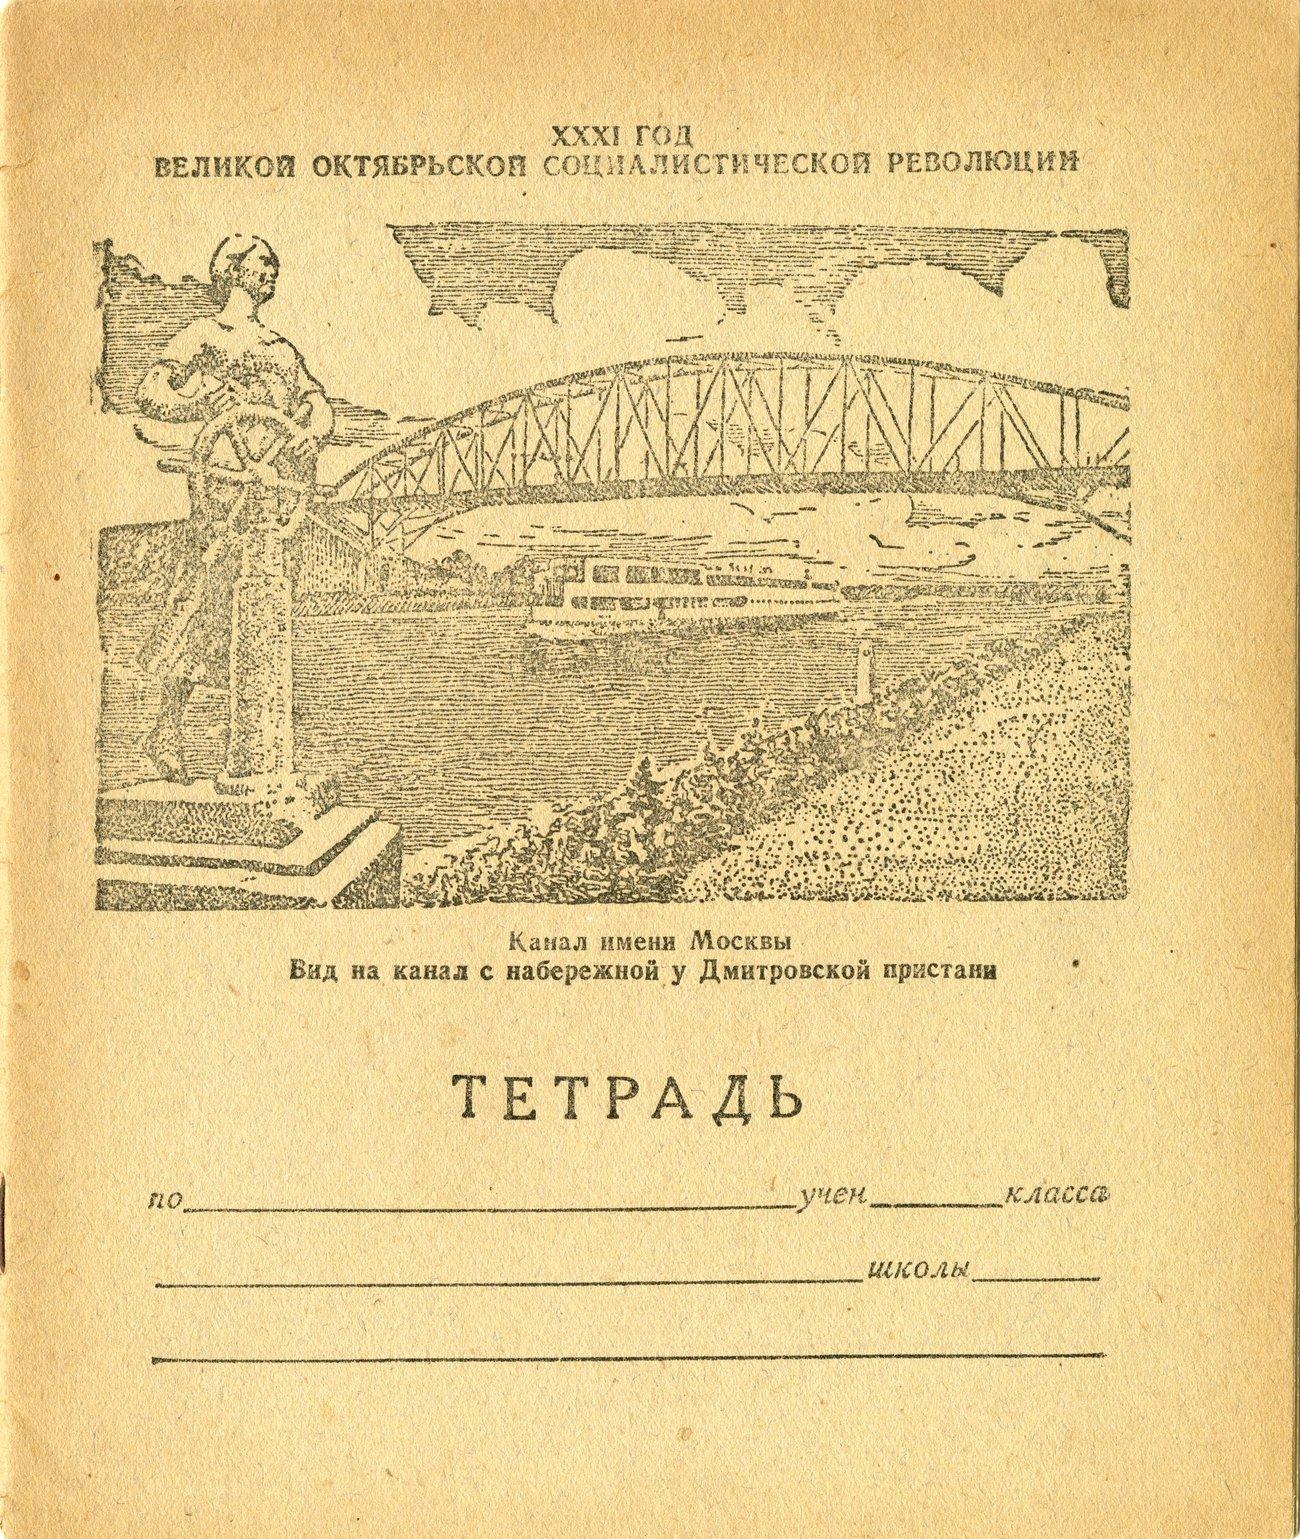 Тетрадь 1947 015